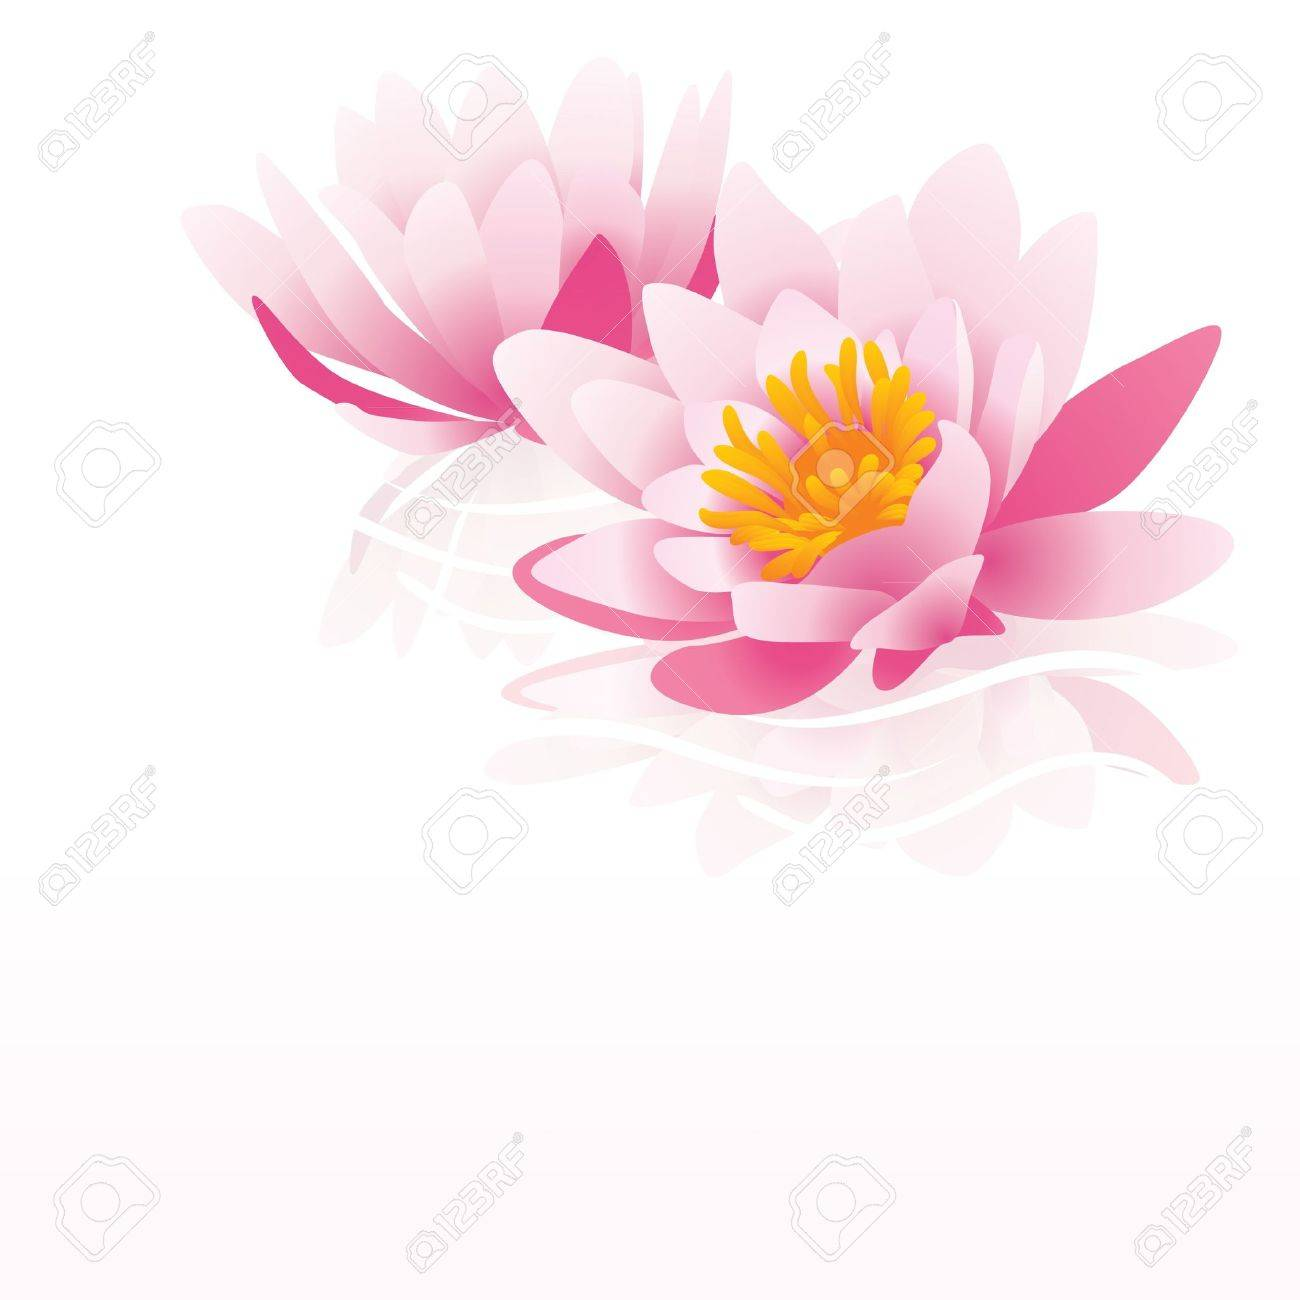 白地にピンクの睡蓮ベクトル イラスト の写真素材画像素材 Image 13737432